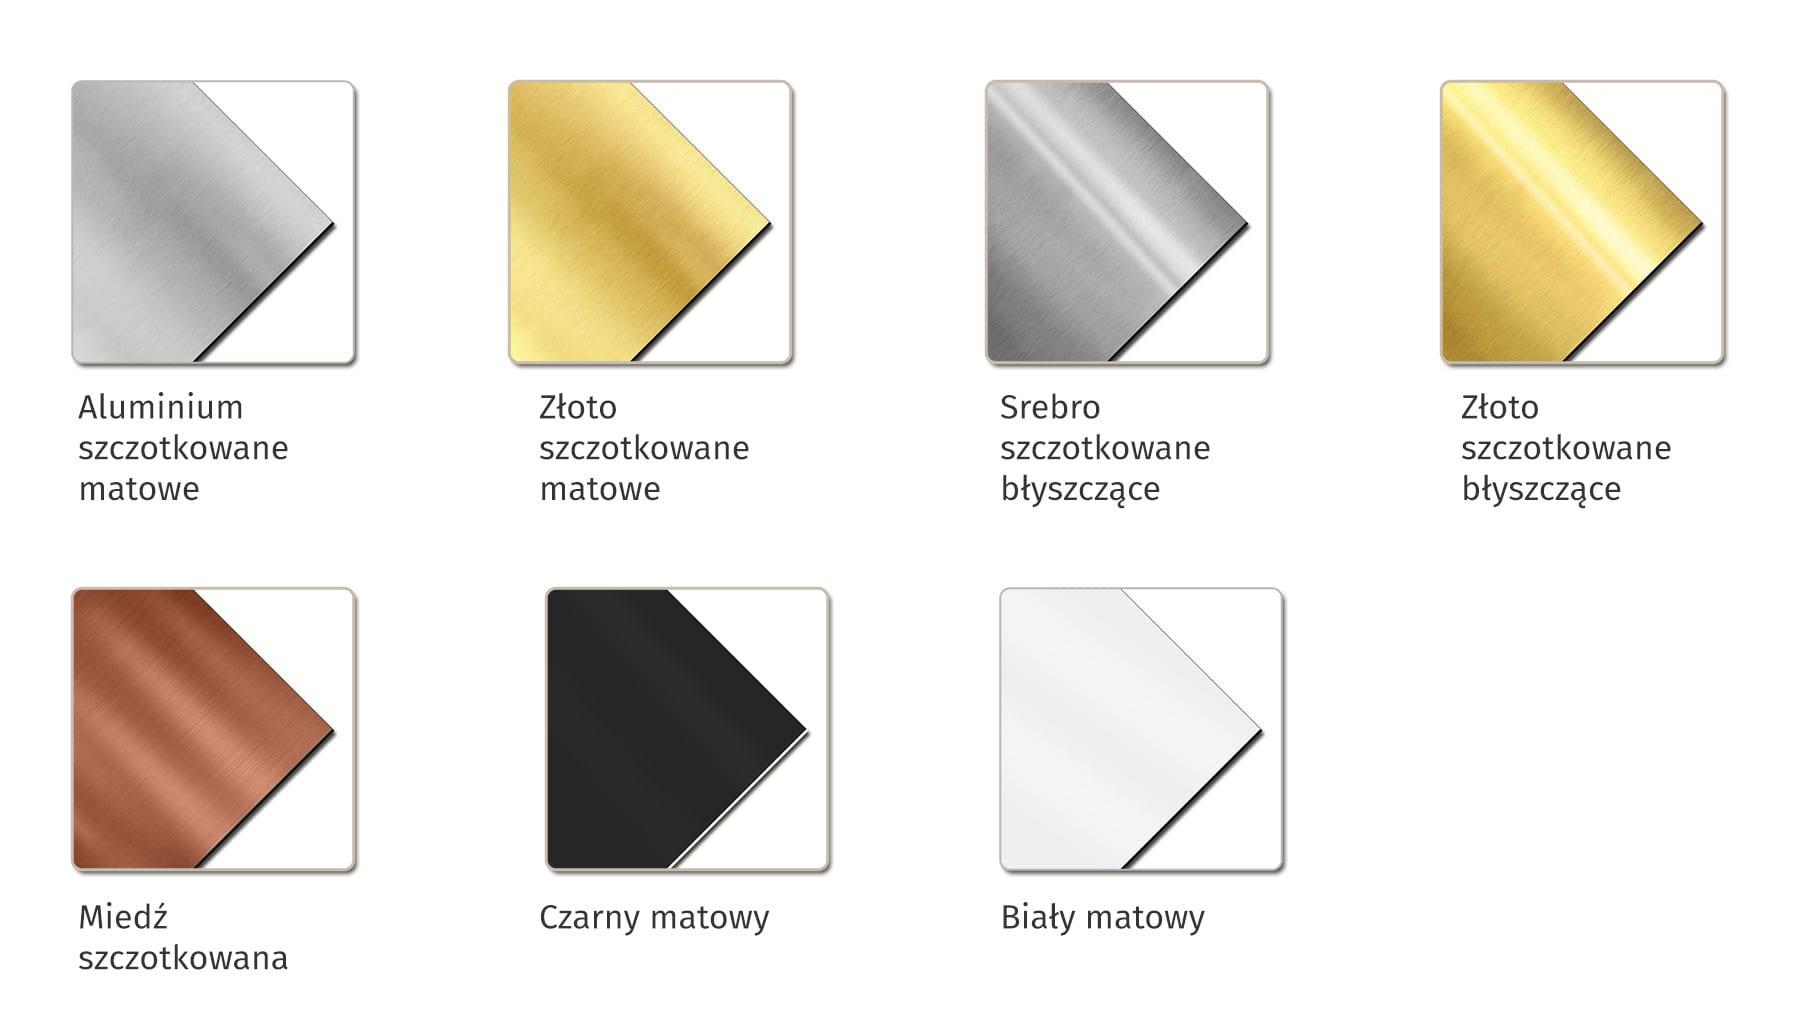 kolory laminatow do identyfikatorow